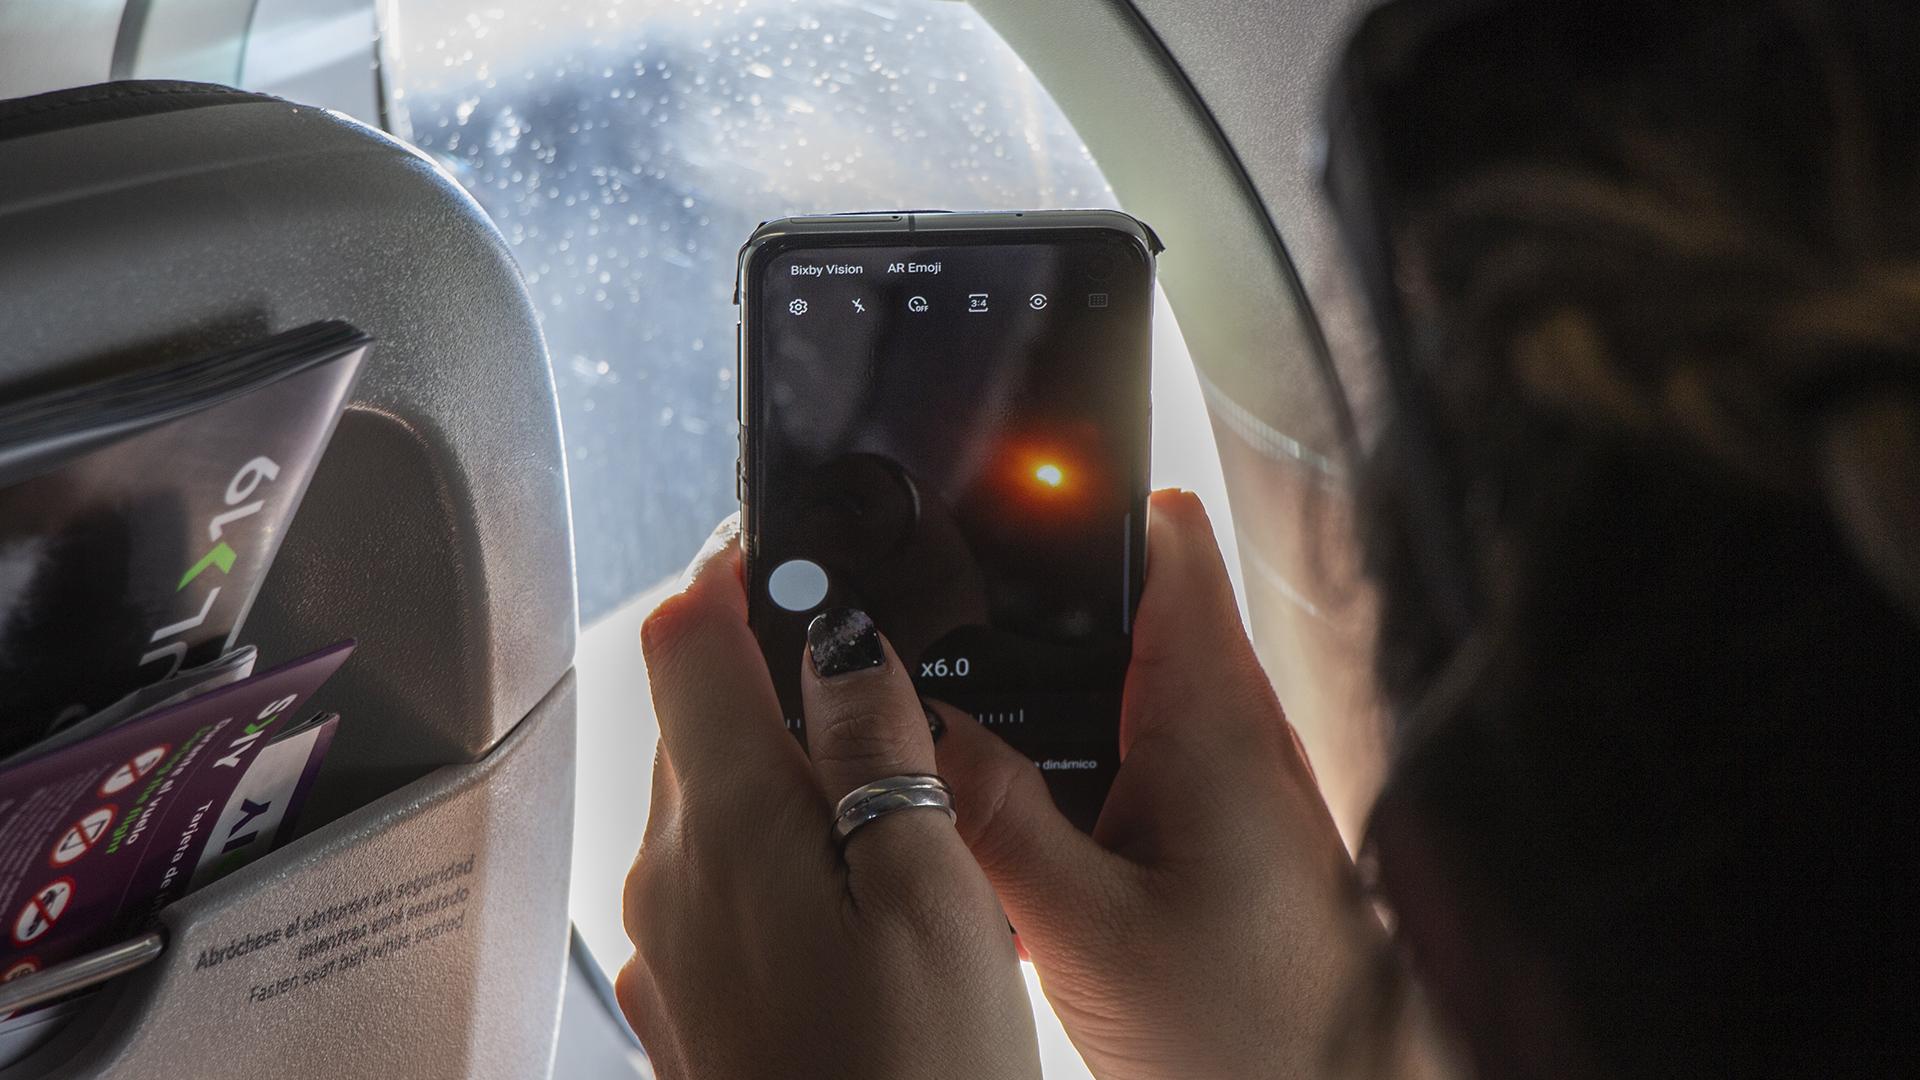 96 personas viajaron a bordo del Airbus 320 Neo pilotado por el ingeniero espacial Klaus Von Storch. Todas le sacaron su foto al eclipse para compartirla con sus familiares y amigos. Hasta el astrónomo más experimentado dedicó unos segundos en eternizar el instante con una fotografía